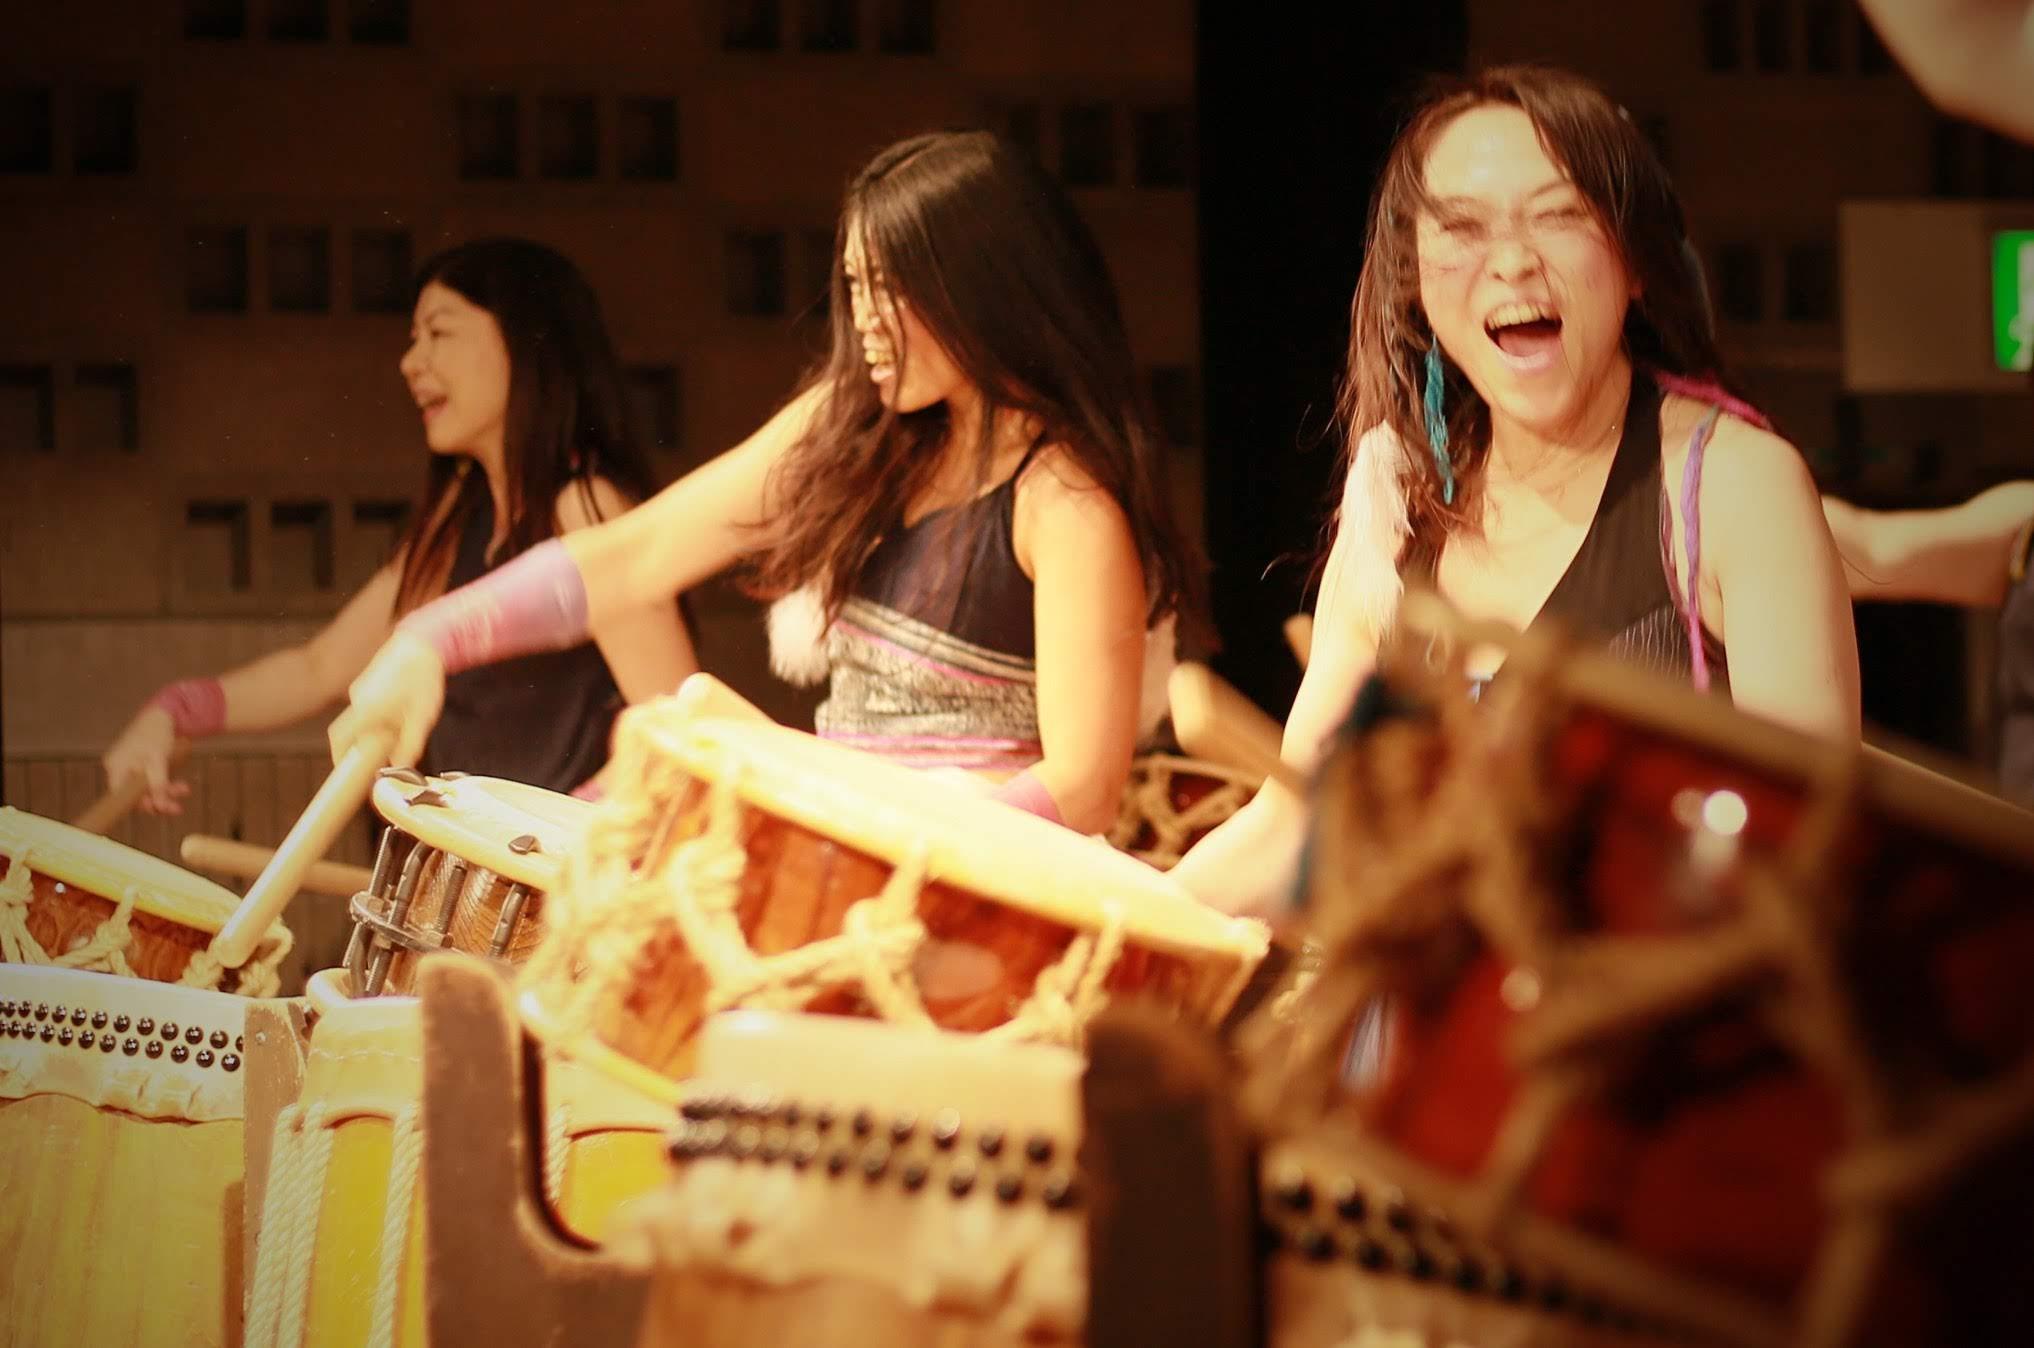 顔で和太鼓を表現している写真